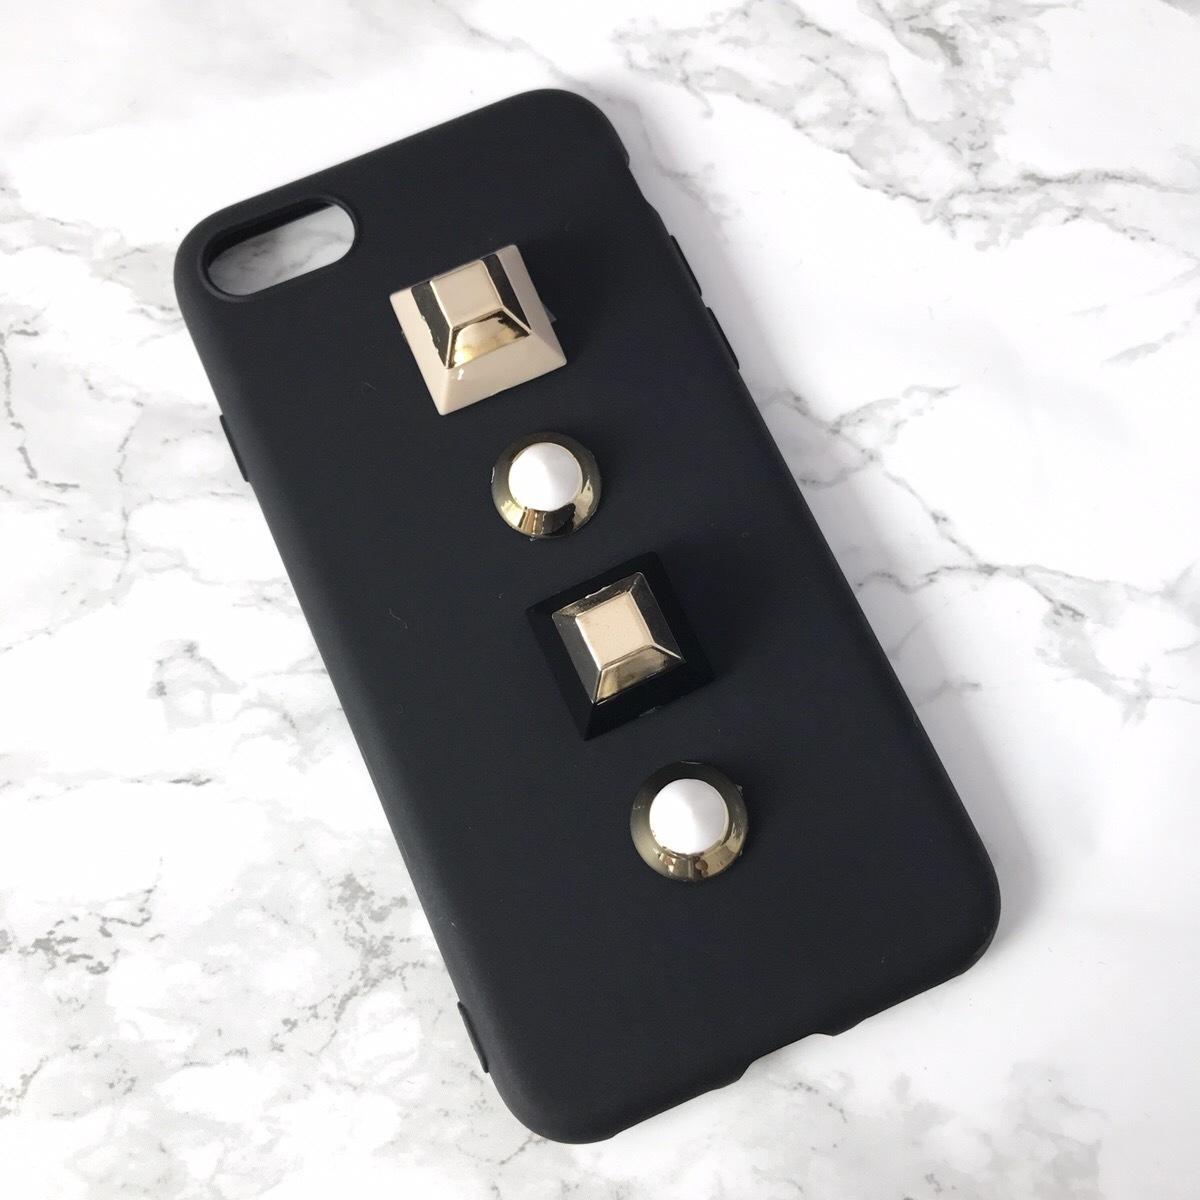 【即納★送料無料】ブラックのソフトケースに大人気のキュービックスタッズ付 iPhoneケース